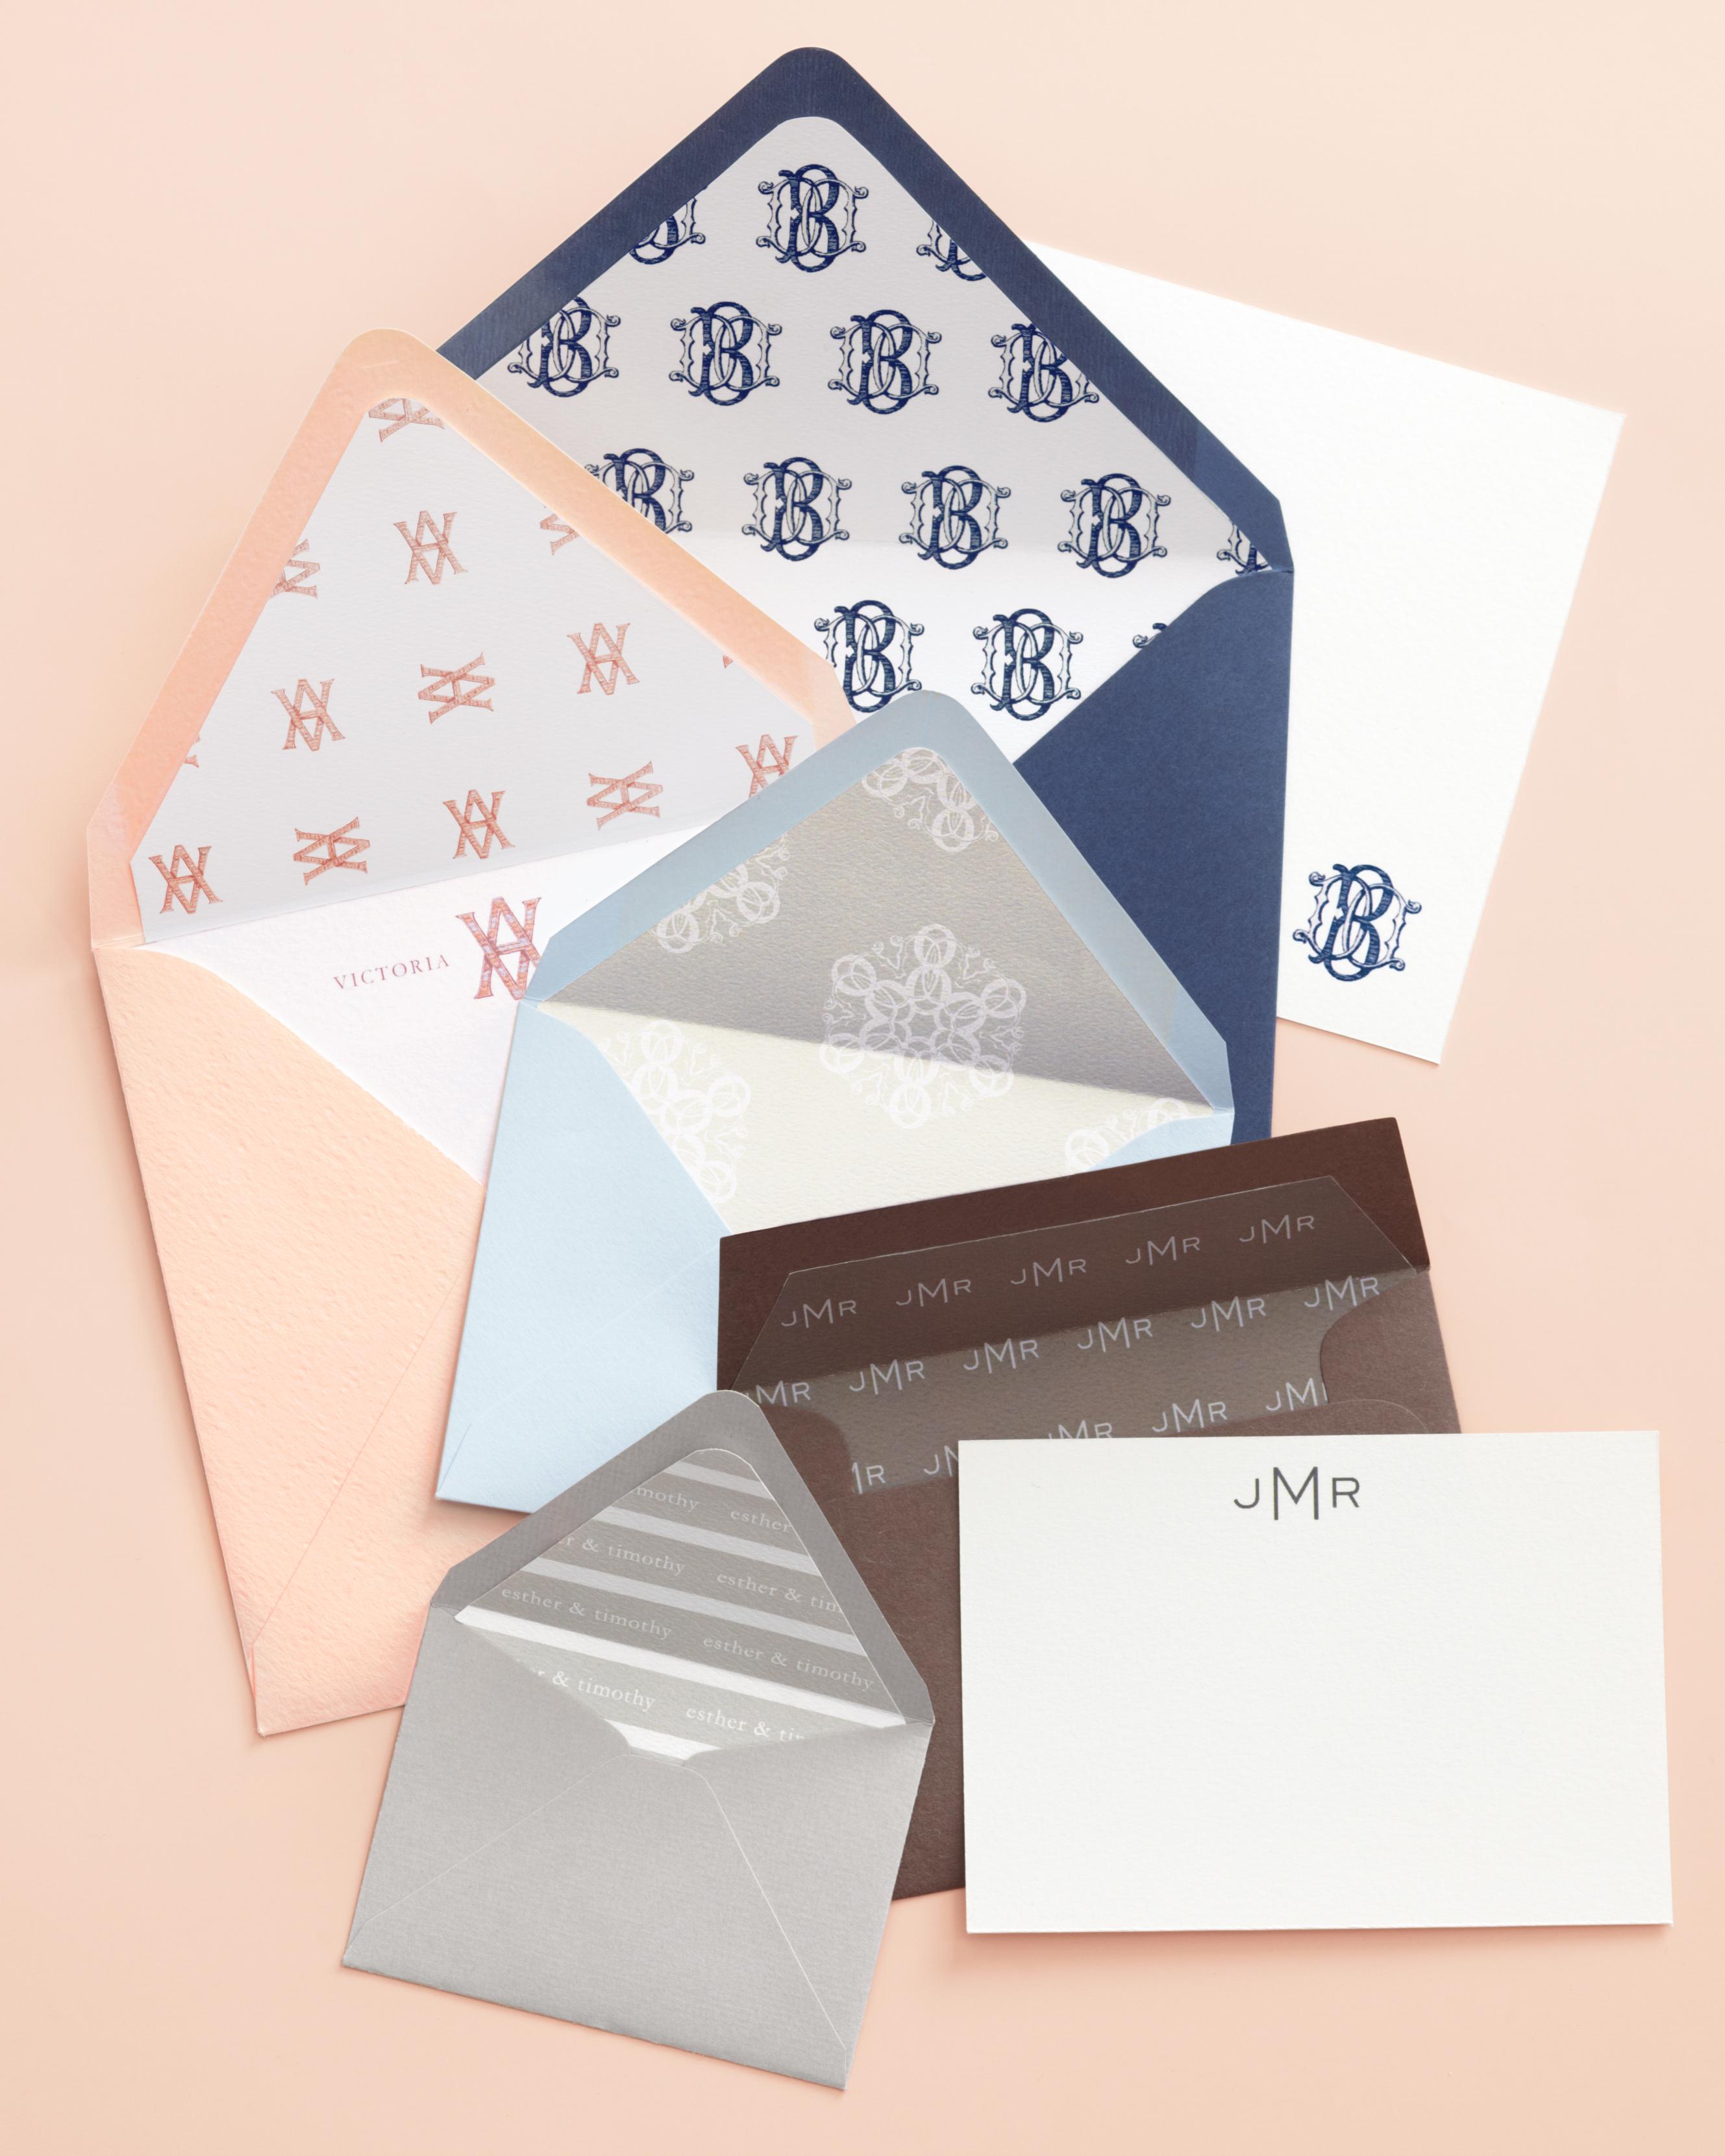 monogram-envelope-yk-594-mwd110177.jpg